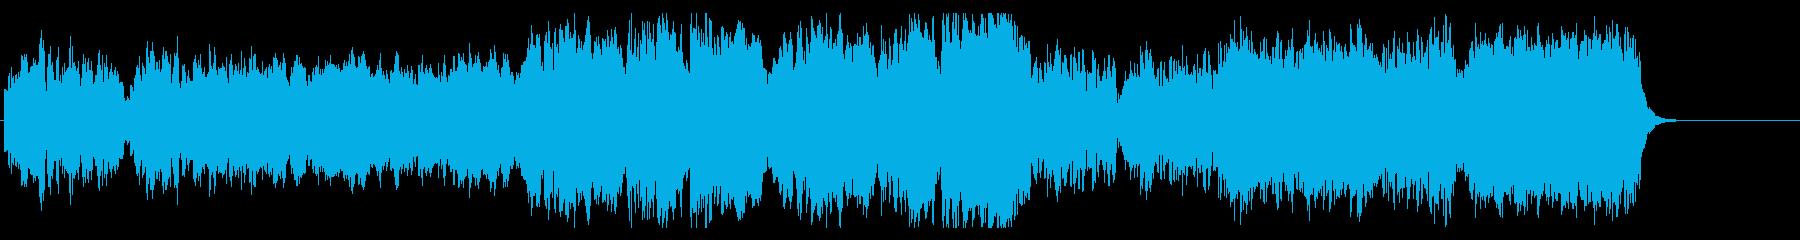 神聖な雰囲気のオーケストラBGMの再生済みの波形